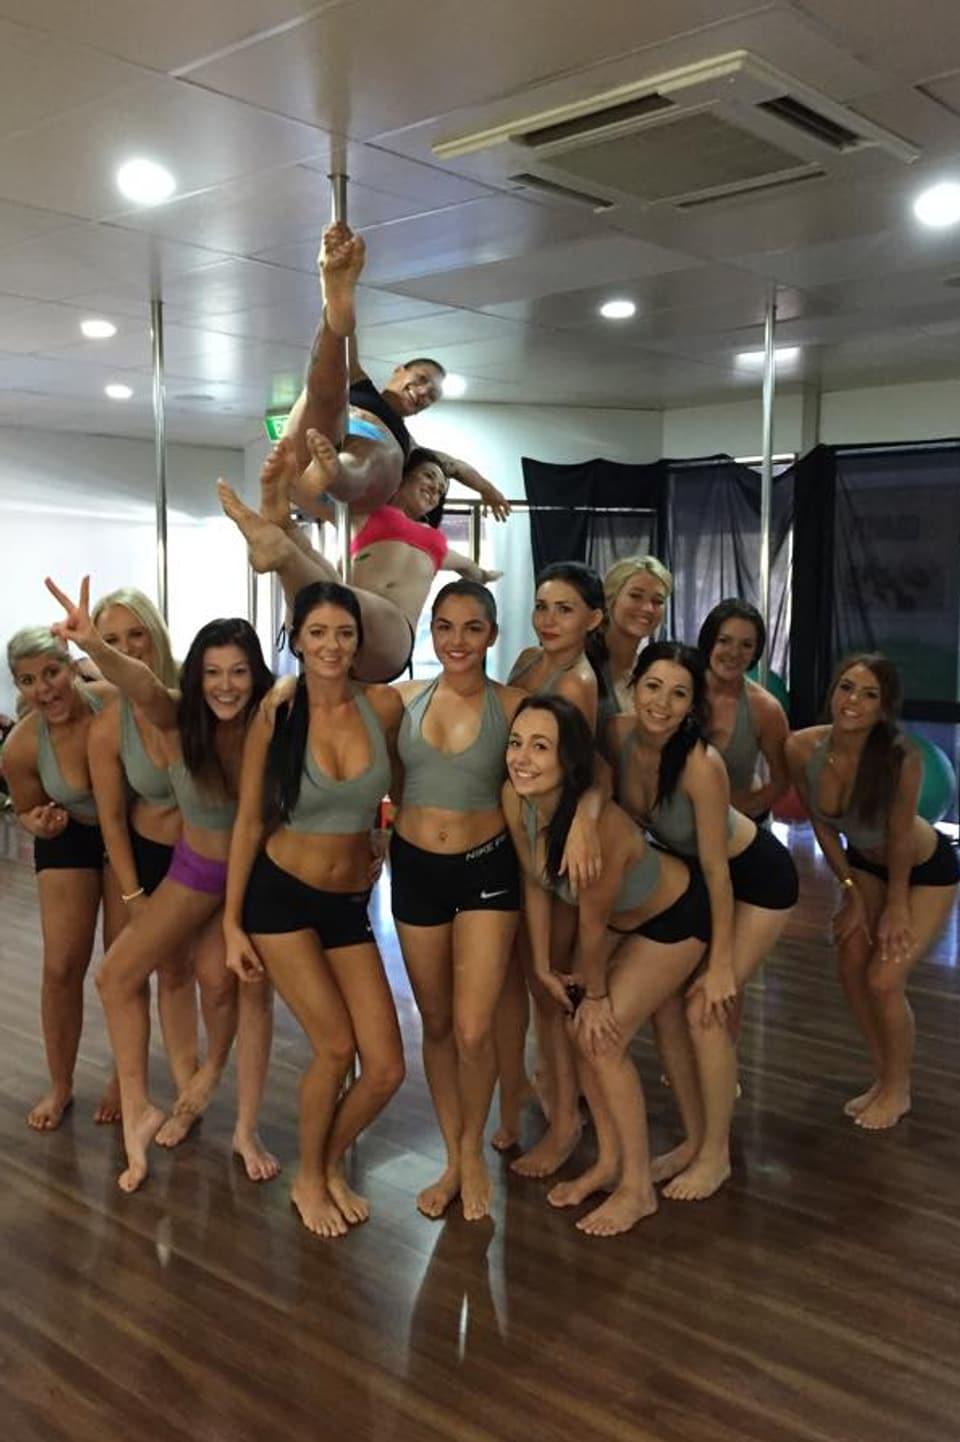 Dina (Mitte zuoberst) und Pole Dance-Studentinnen.